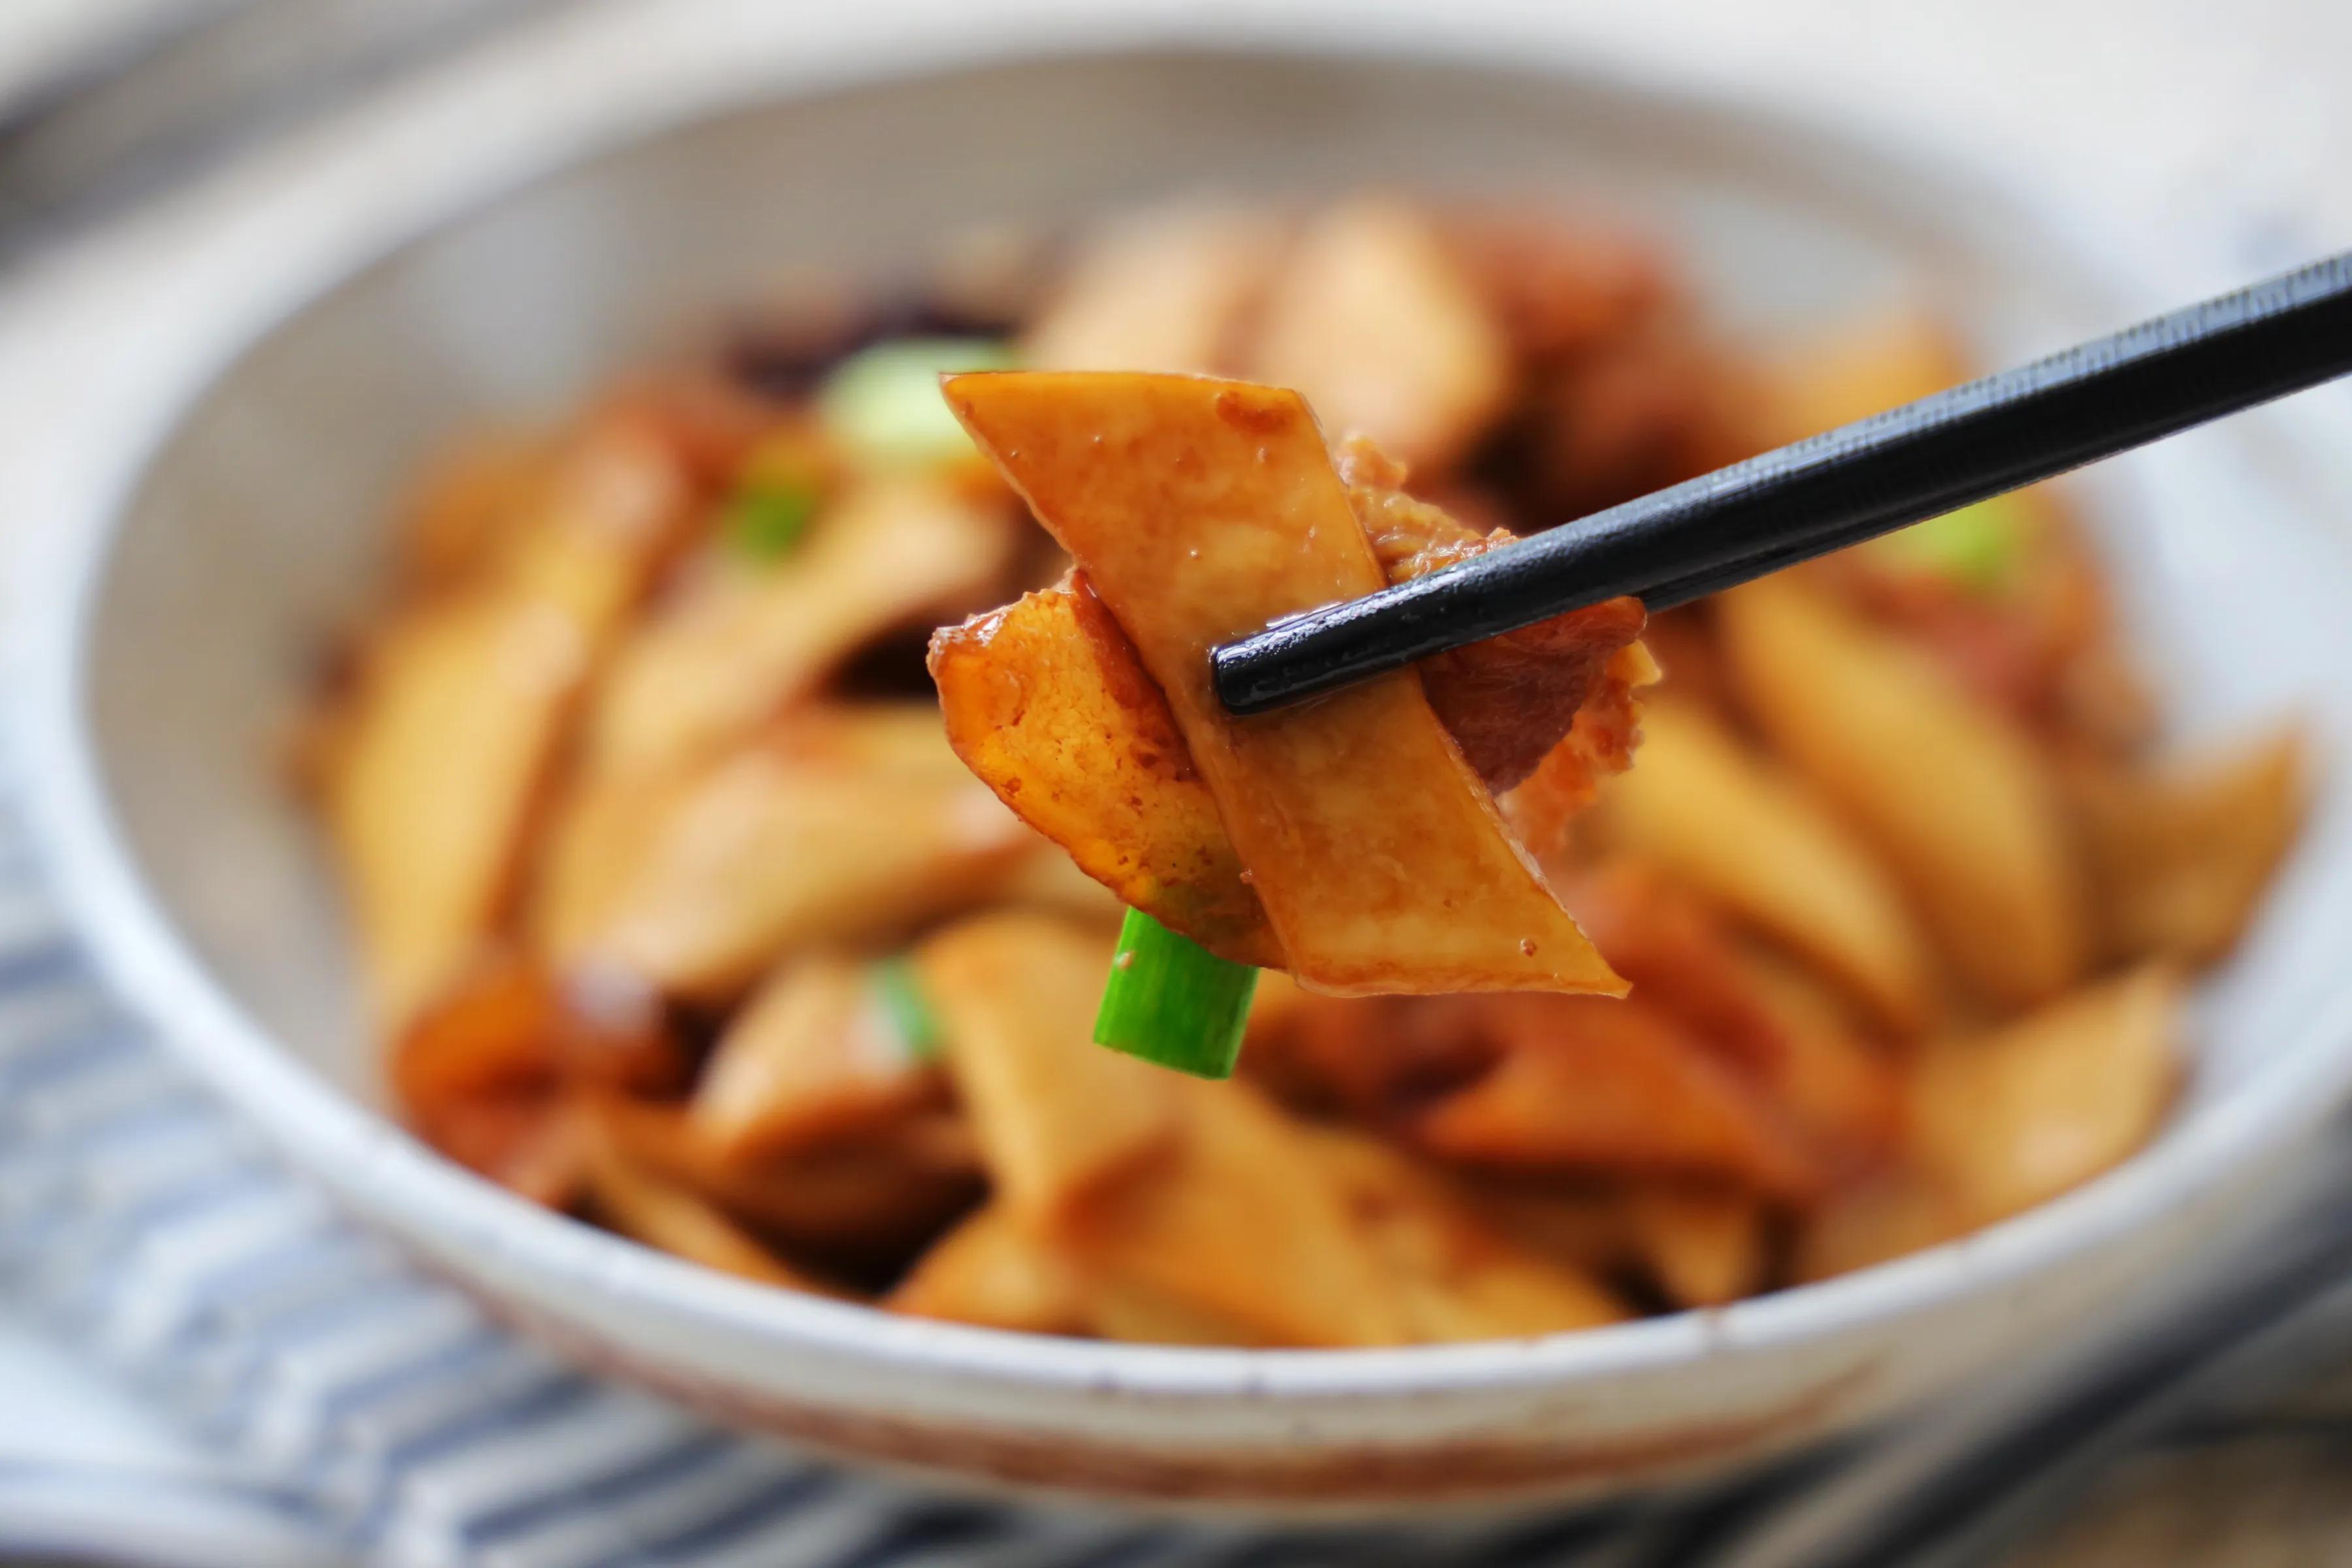 立夏了,這樣的小炒菜要多吃,葷素搭配,營養下飯,孩子超愛吃